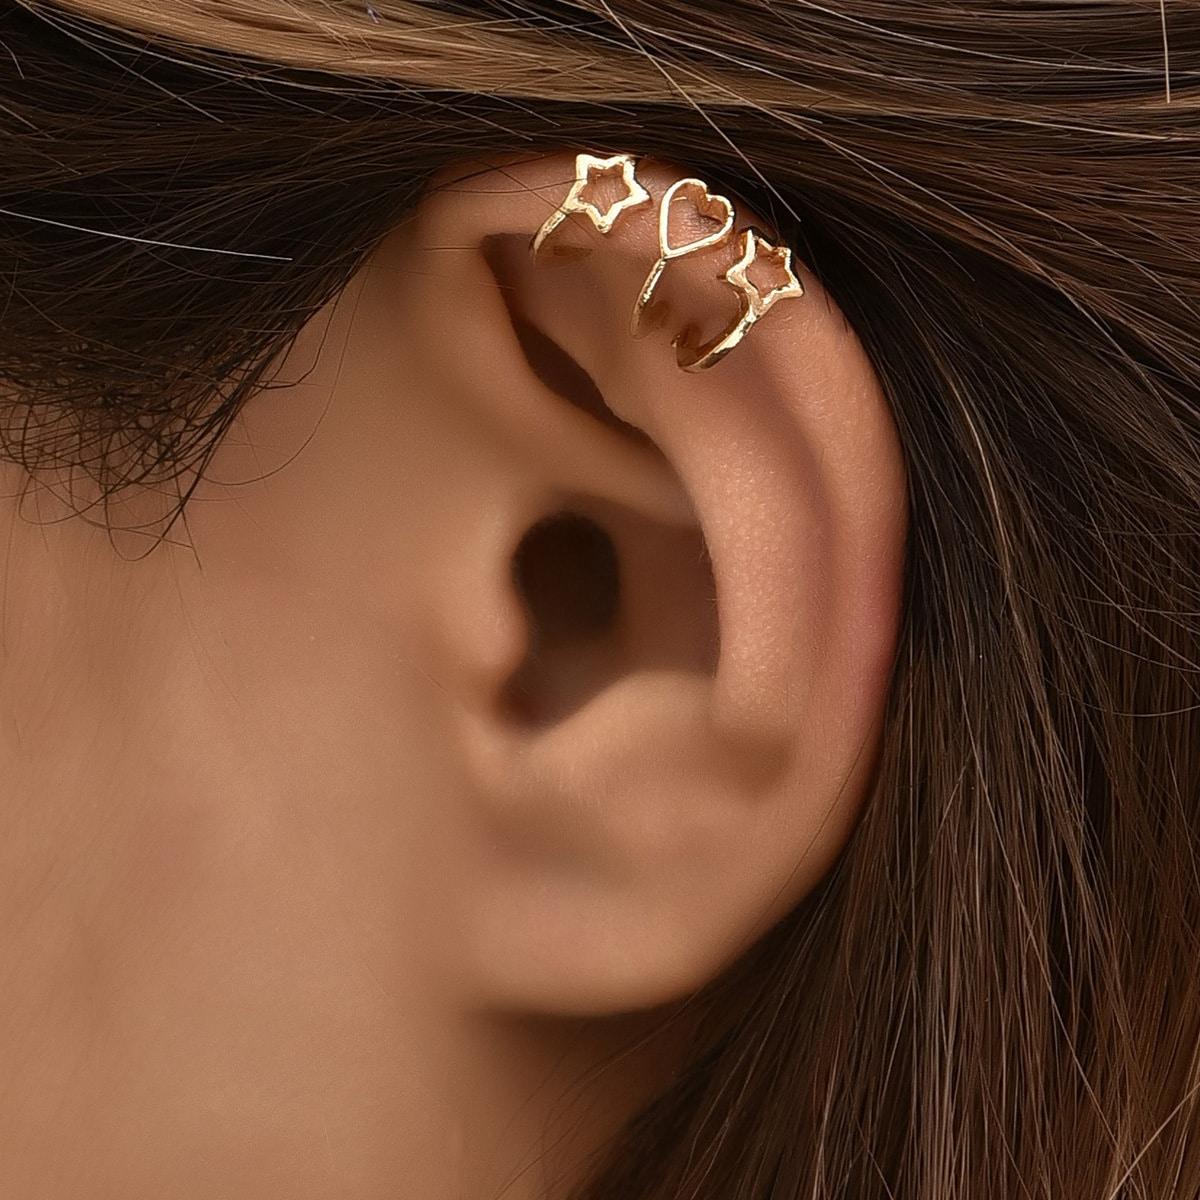 Украшения для ушей в форме сердца и звезды 3шт